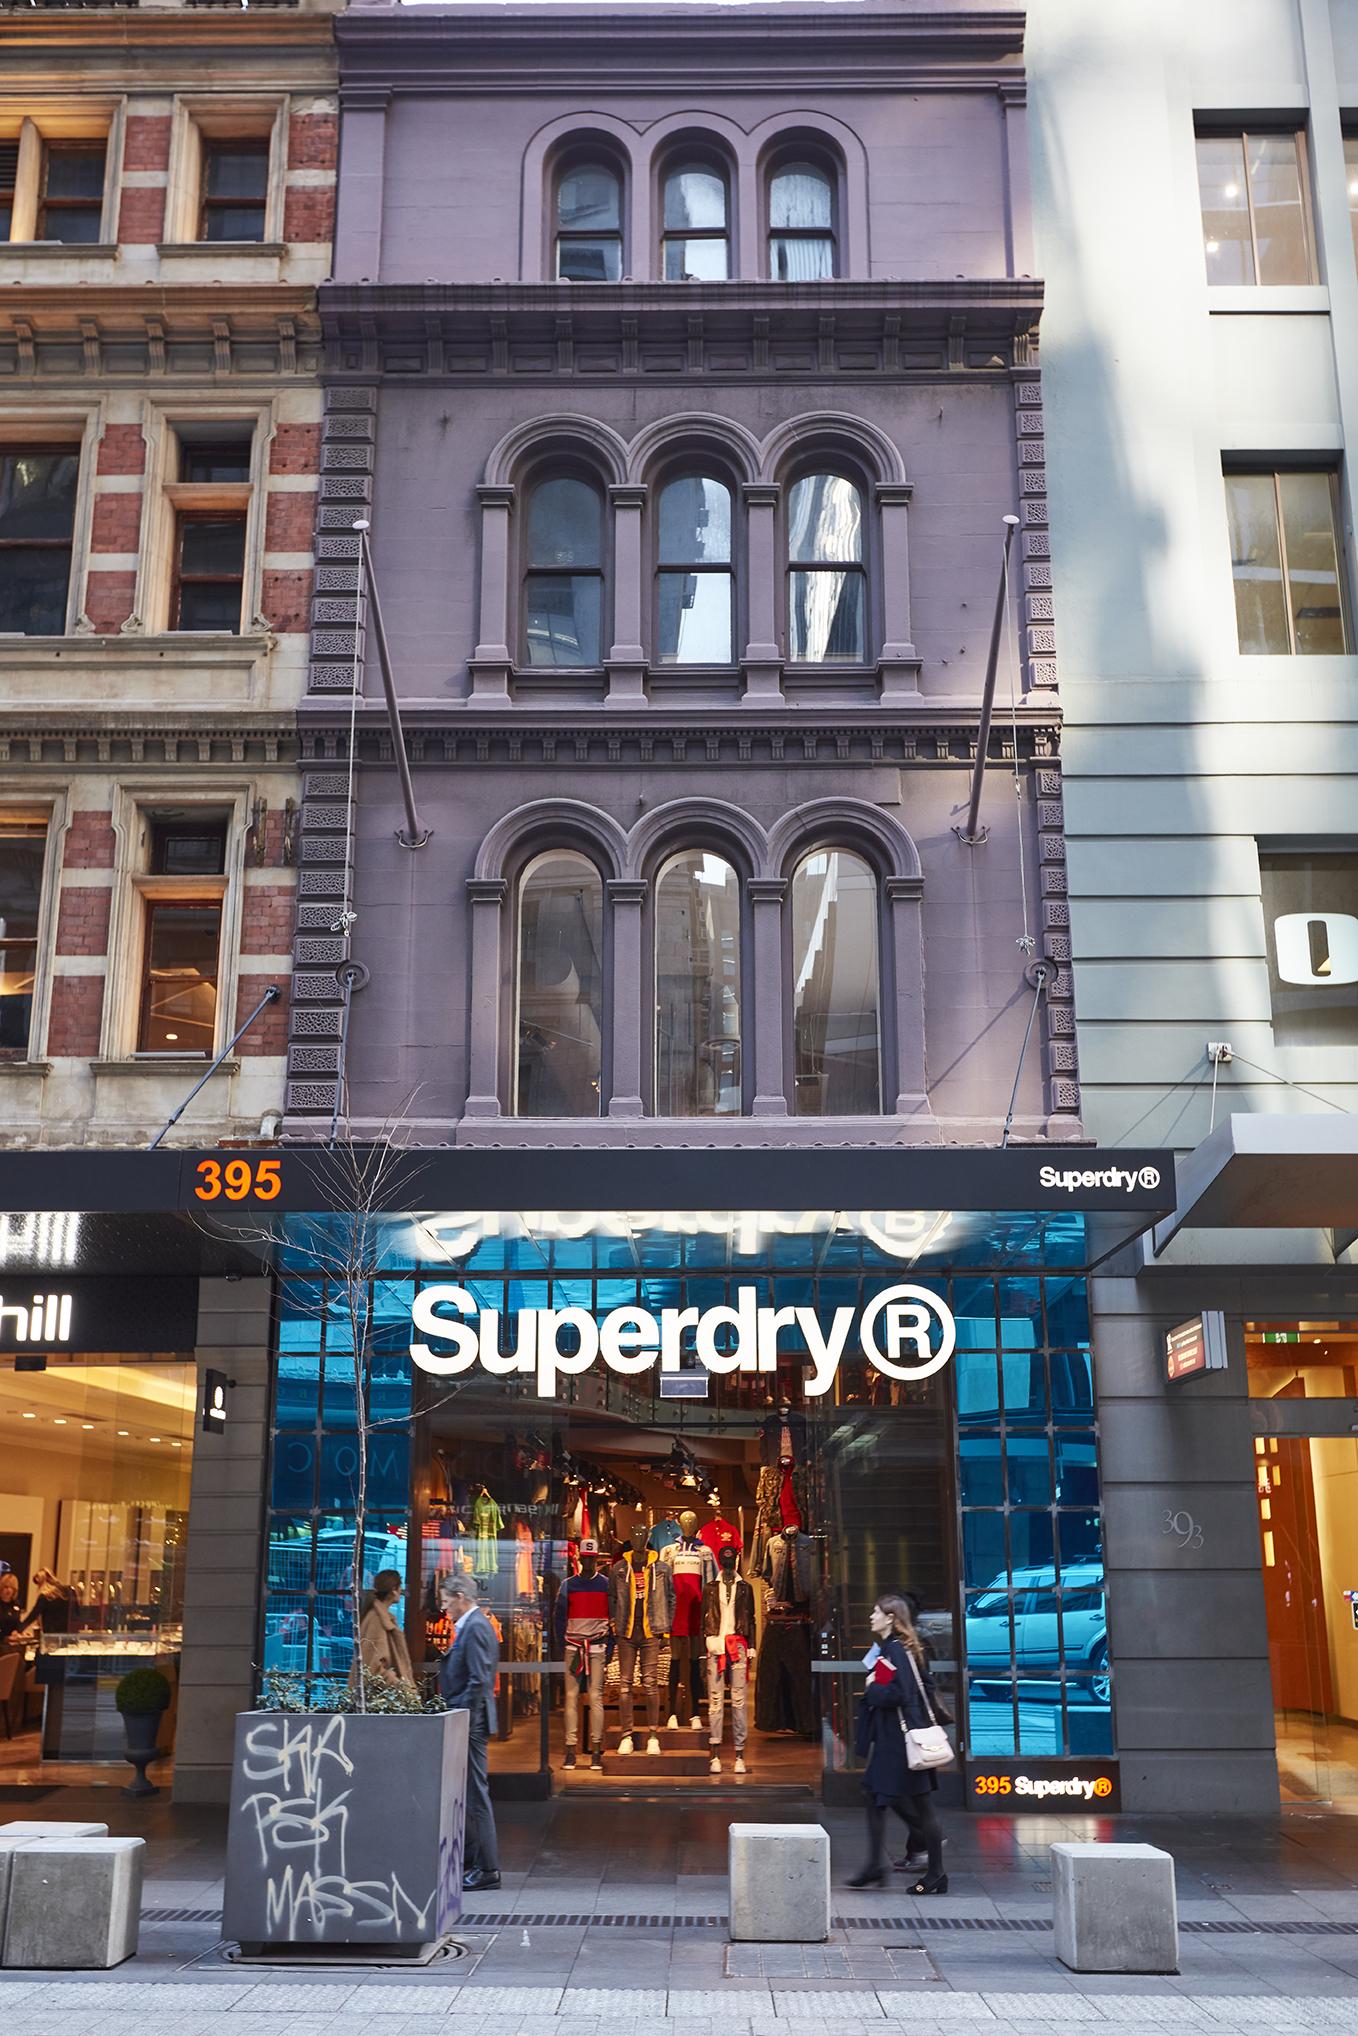 SUPERDRY-018.jpg